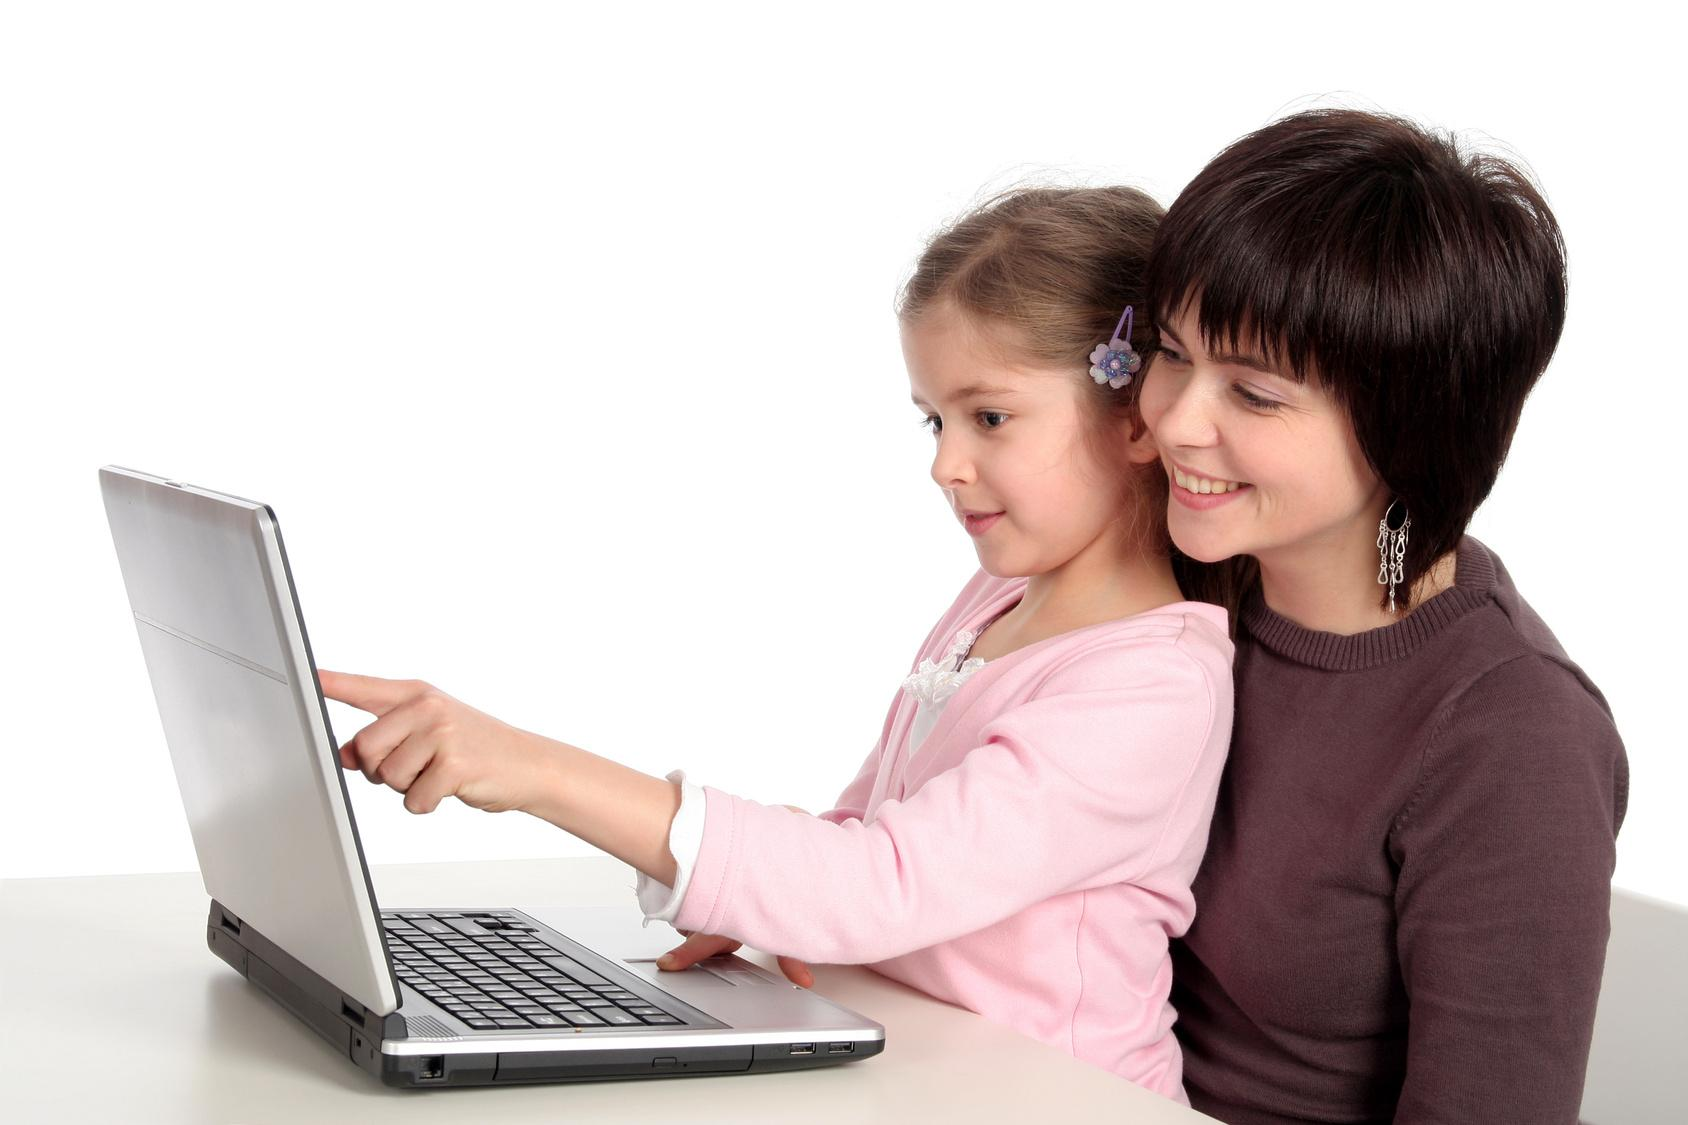 Картинки дети онлайн, открытку поздравление марта